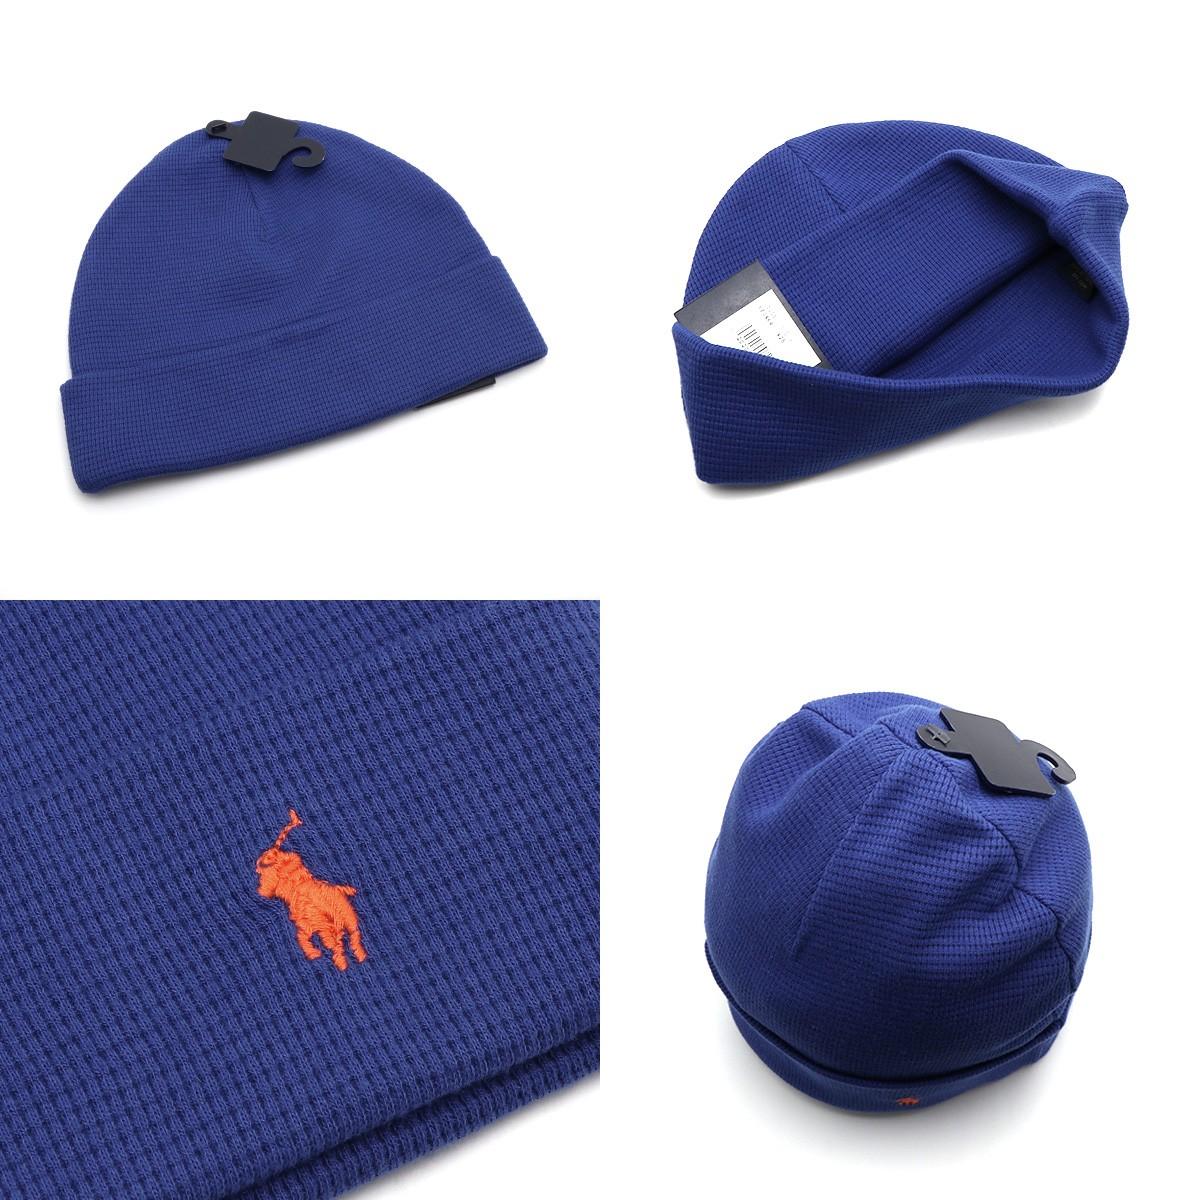 POLO RALPH LAUREN ポロ ラルフローレンワッフル地 ニット帽 ワッチ ビーニー 帽子 6F0468 メンズ 男性用 レディース 女性用 ユニセックス ポニーマルチポニーフリー